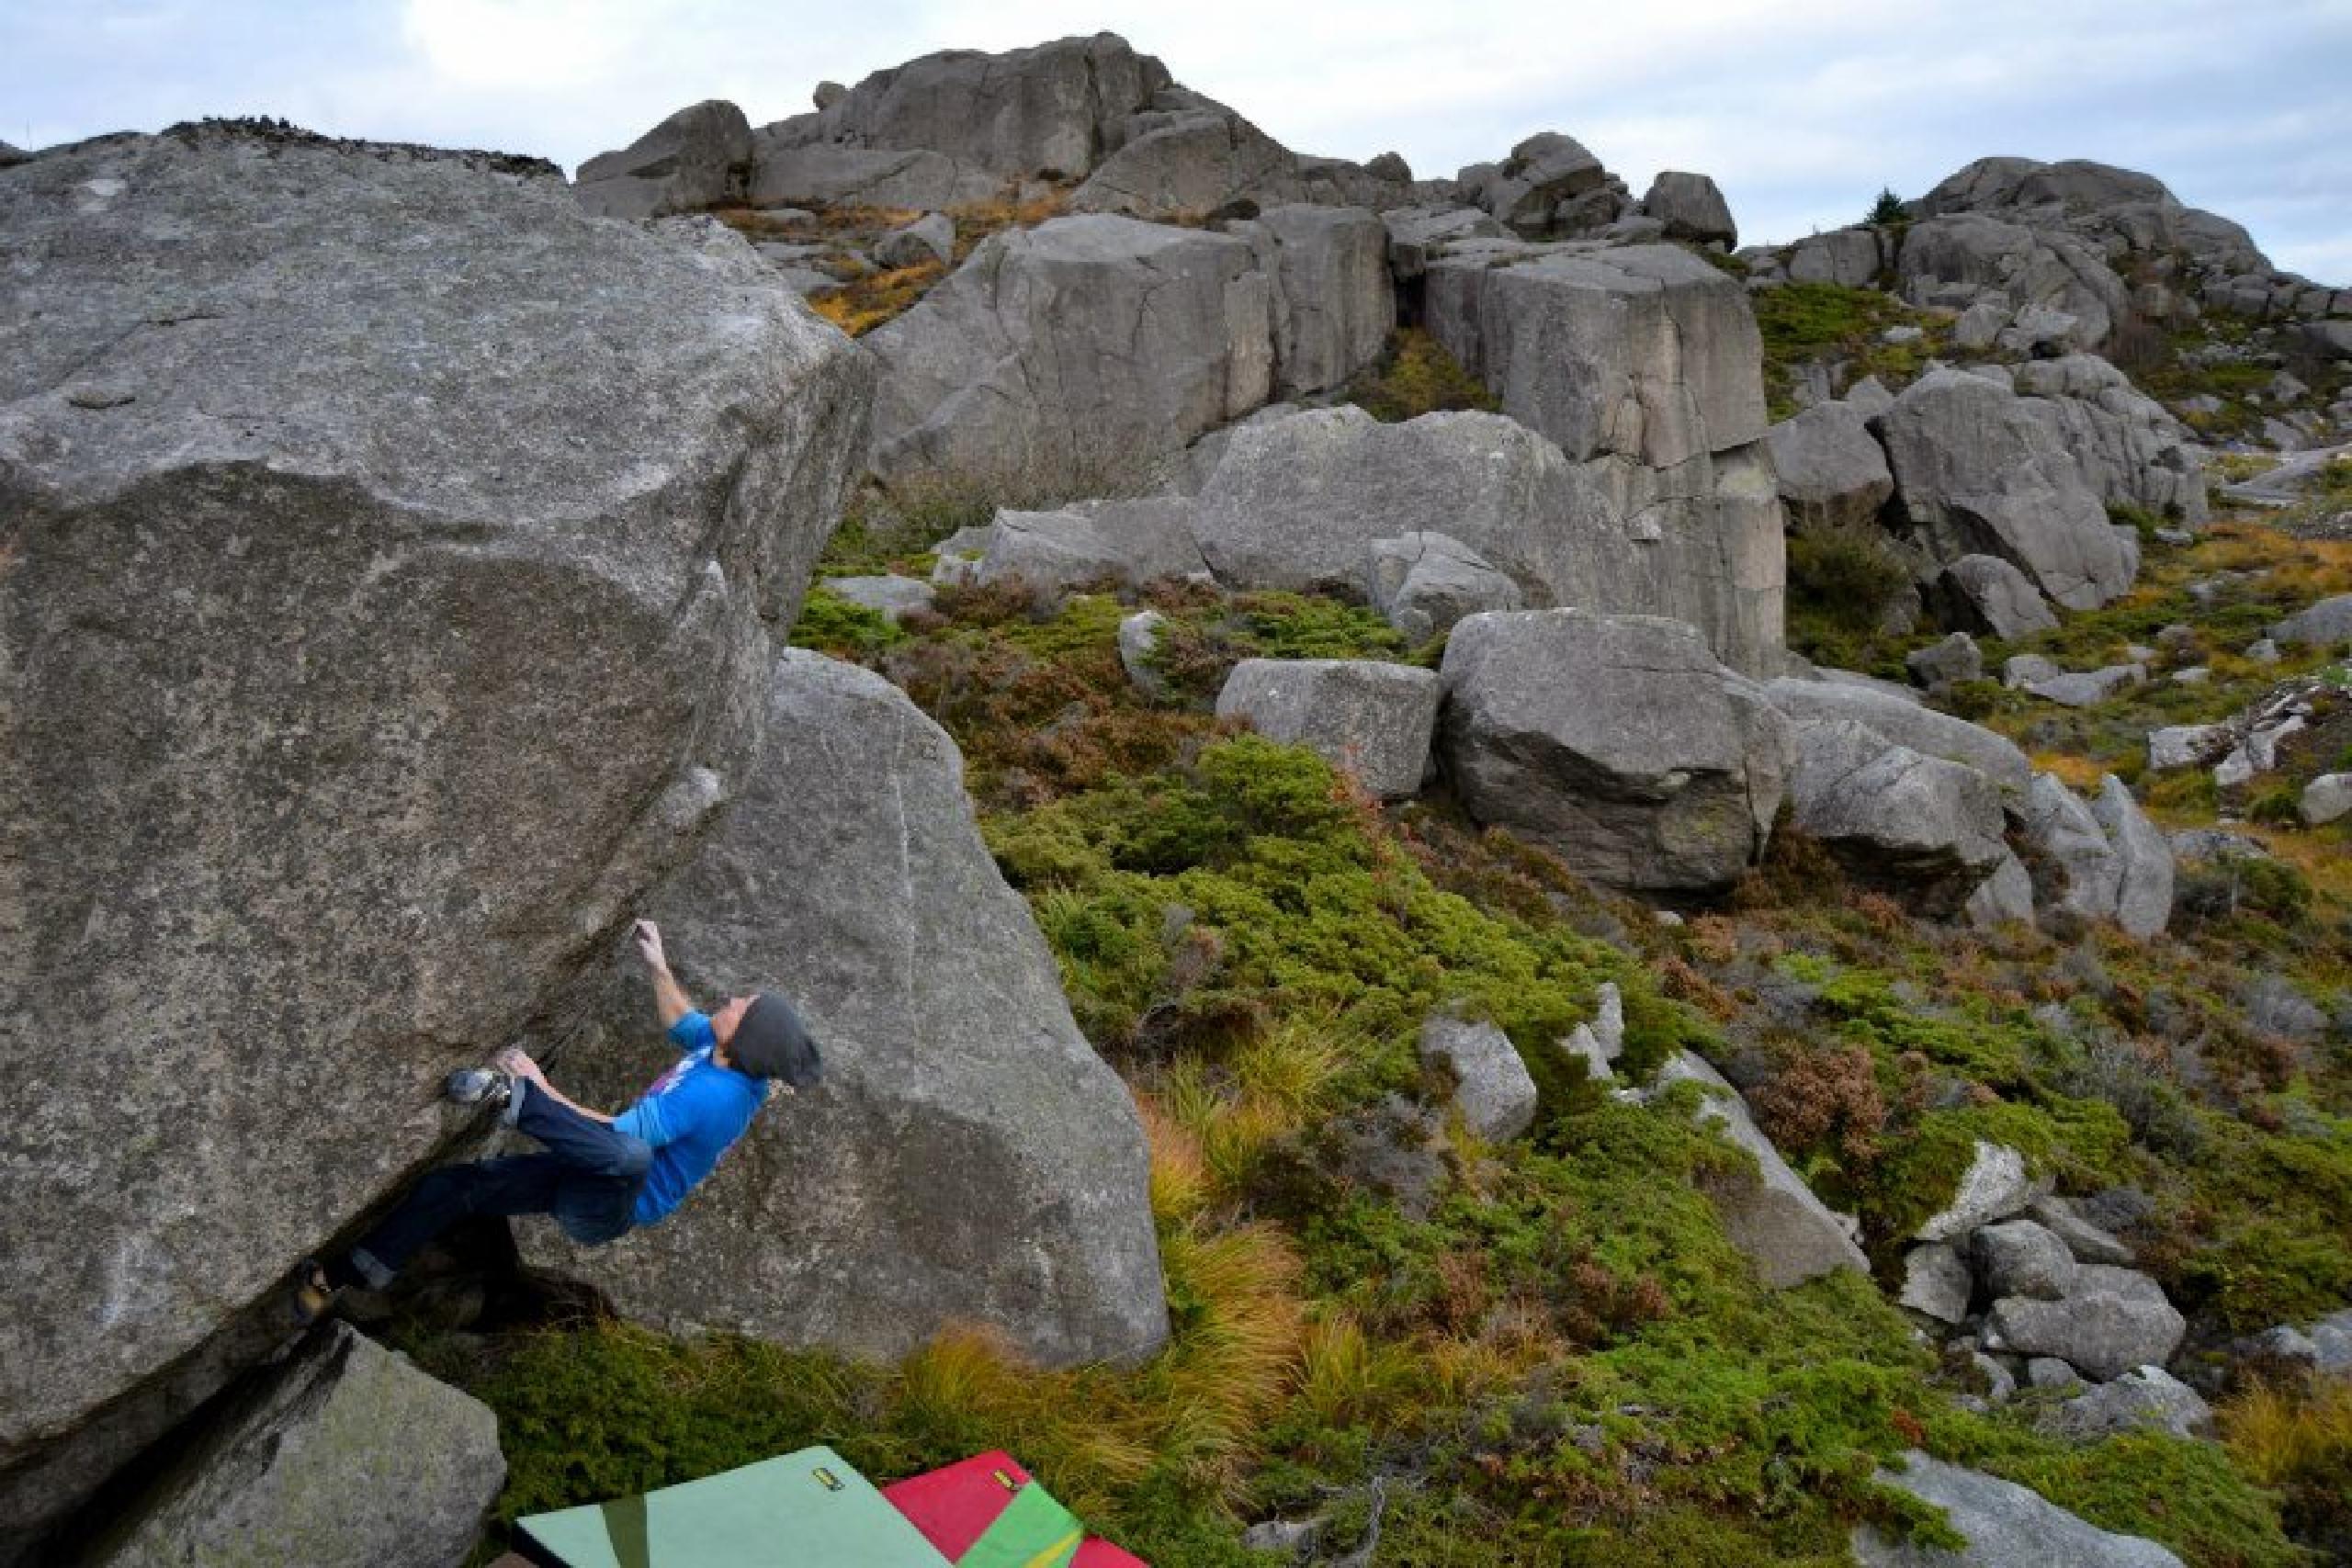 photographer: Therese Johansen, in photo: Torstein Magnussen